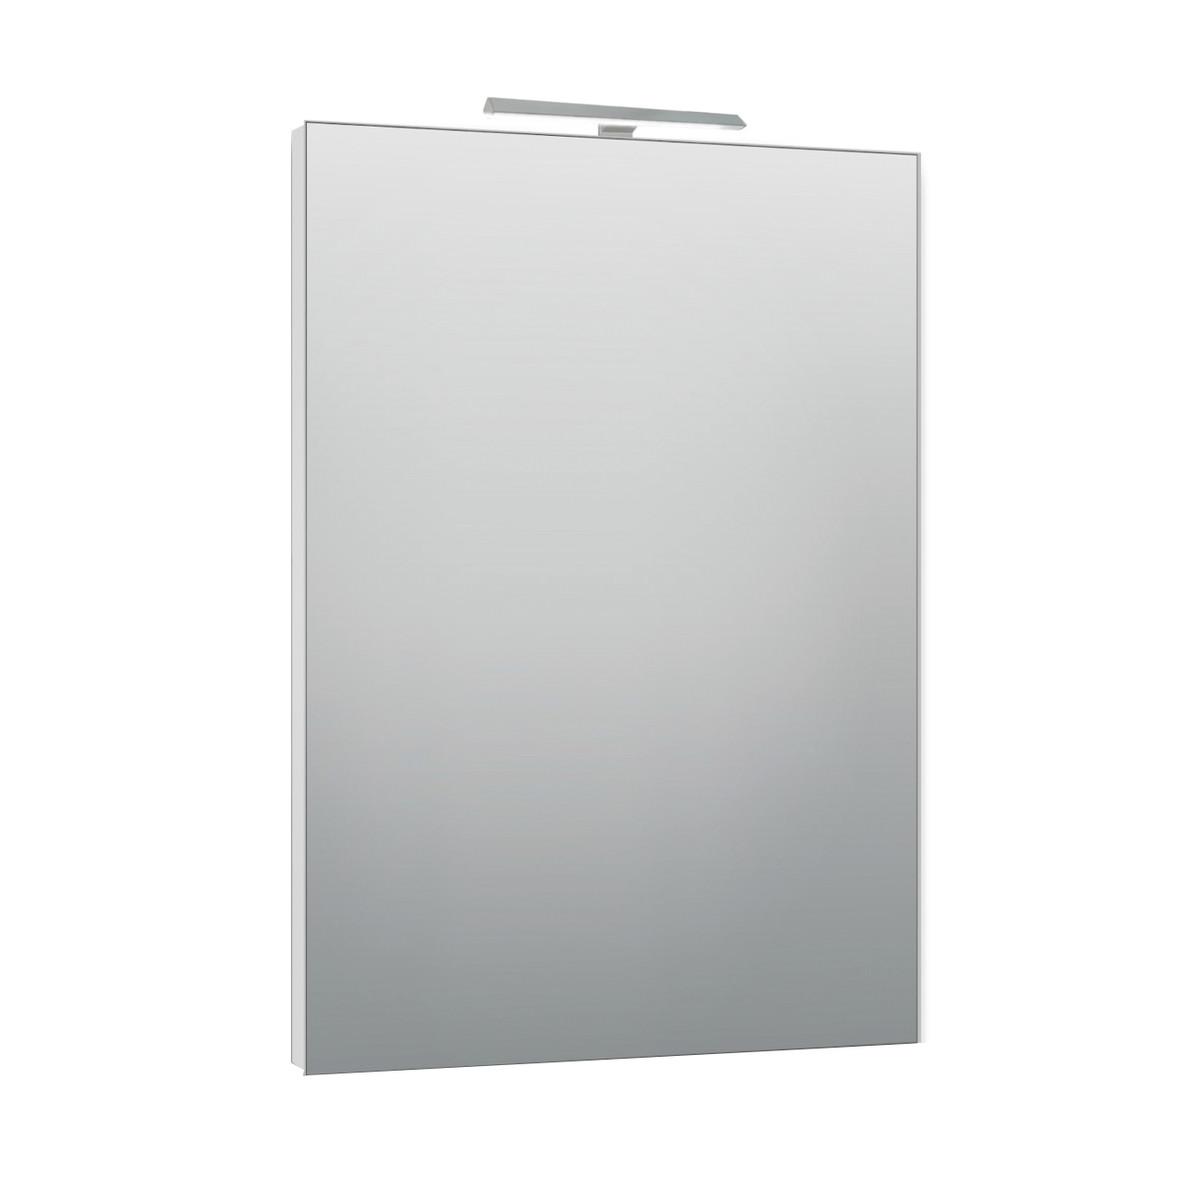 specchio bagno con luce o senza luce: prezzi e offerte online - Fino A Che Punto Deve Essere Uno Specchio Sopra Un Lavandino